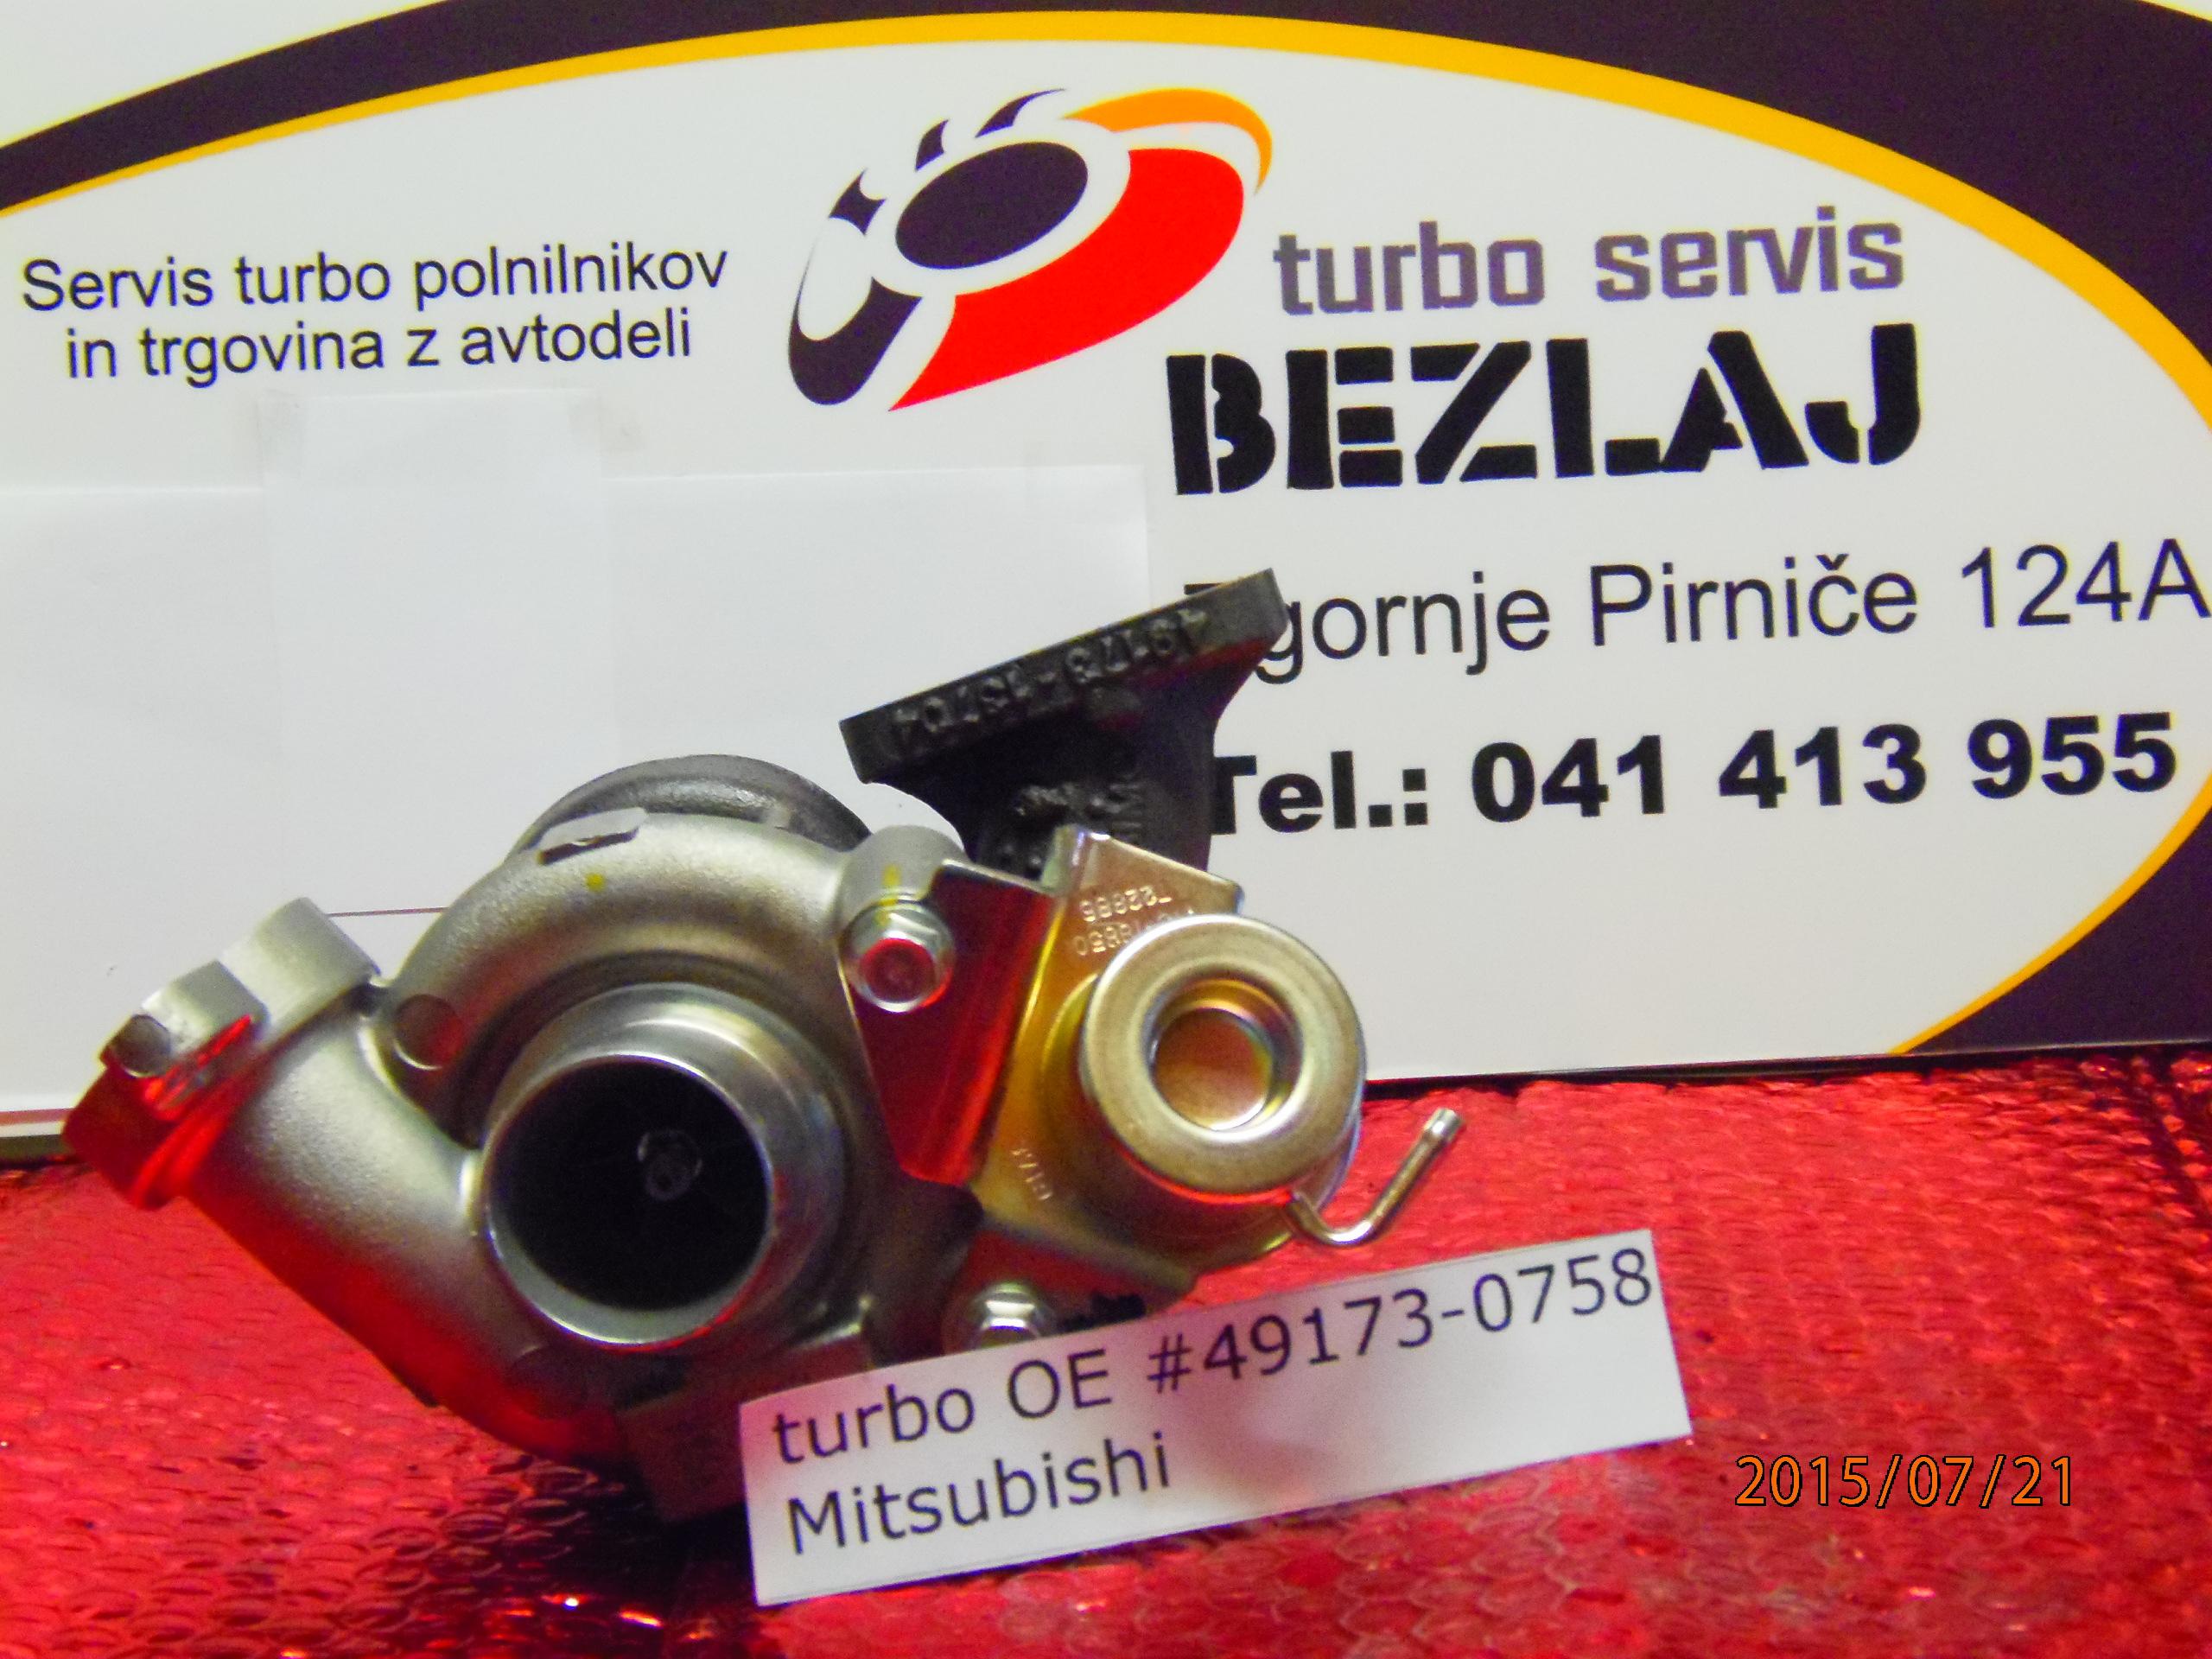 turbo49173-0758